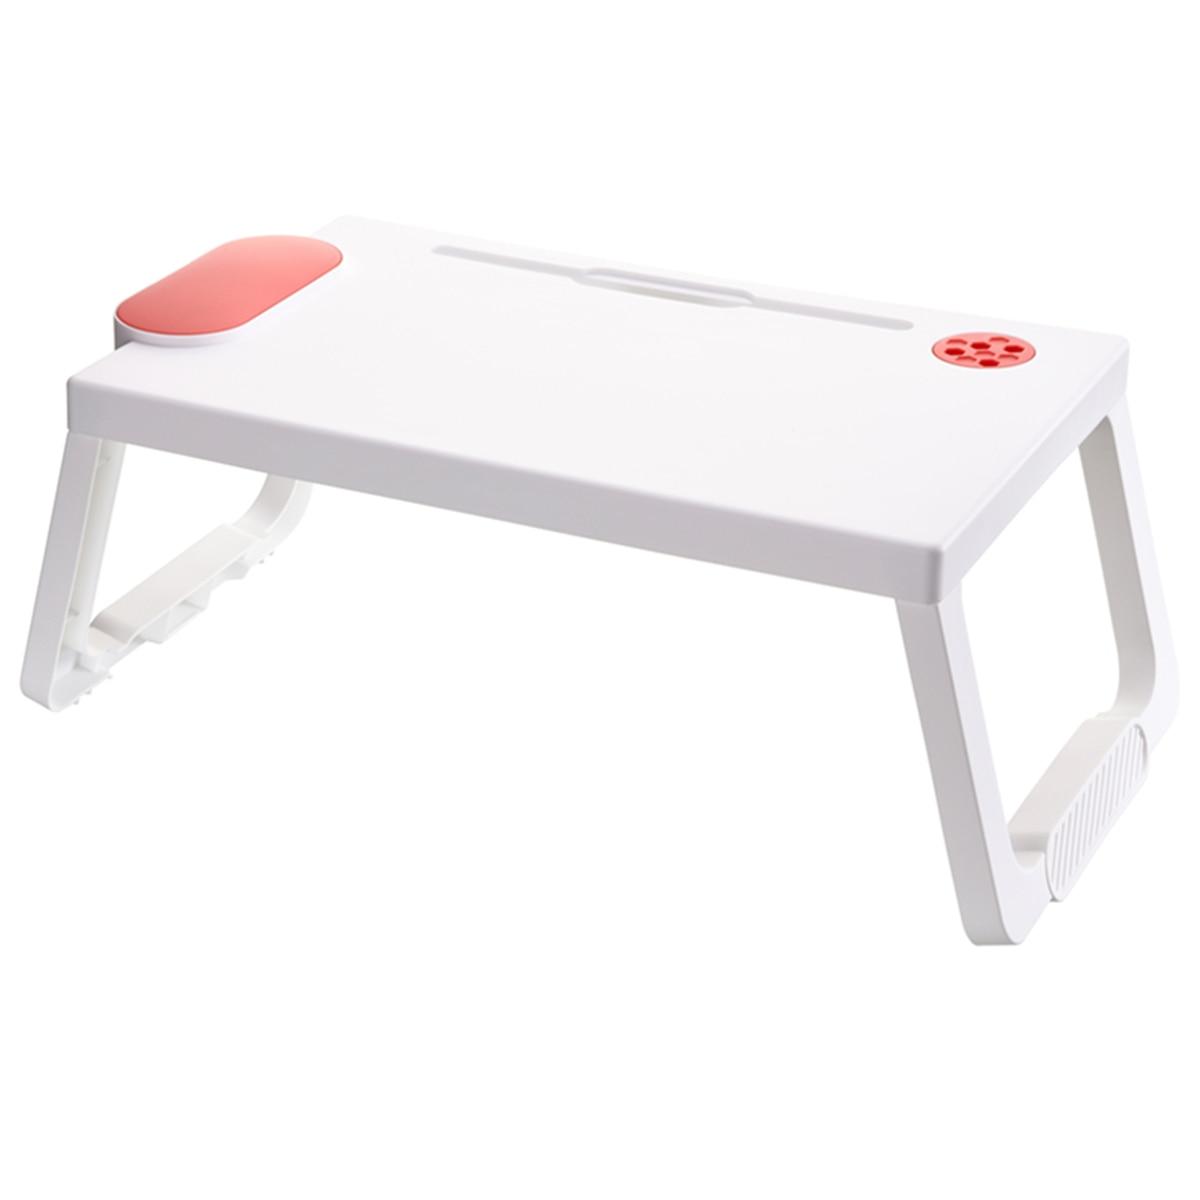 Стол для ноутбука, Astory Портативный ноутбук столик-поднос для кровати Тетрадь Стенд Подставка для чтения со складными ножками и подстаканни...